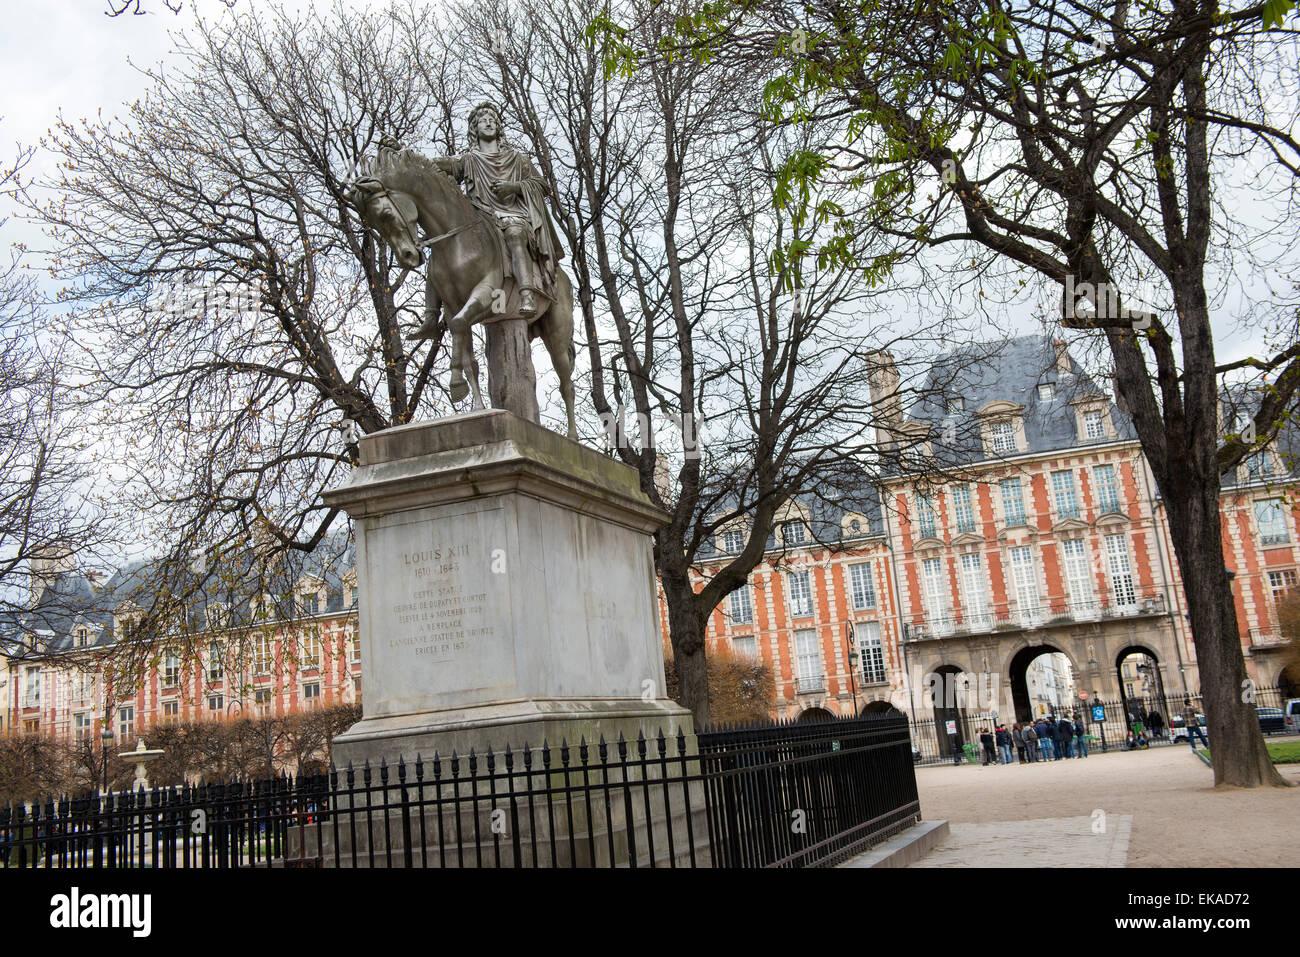 Louis XIII statue in Place des Vosges, Marais District Paris - Stock Image